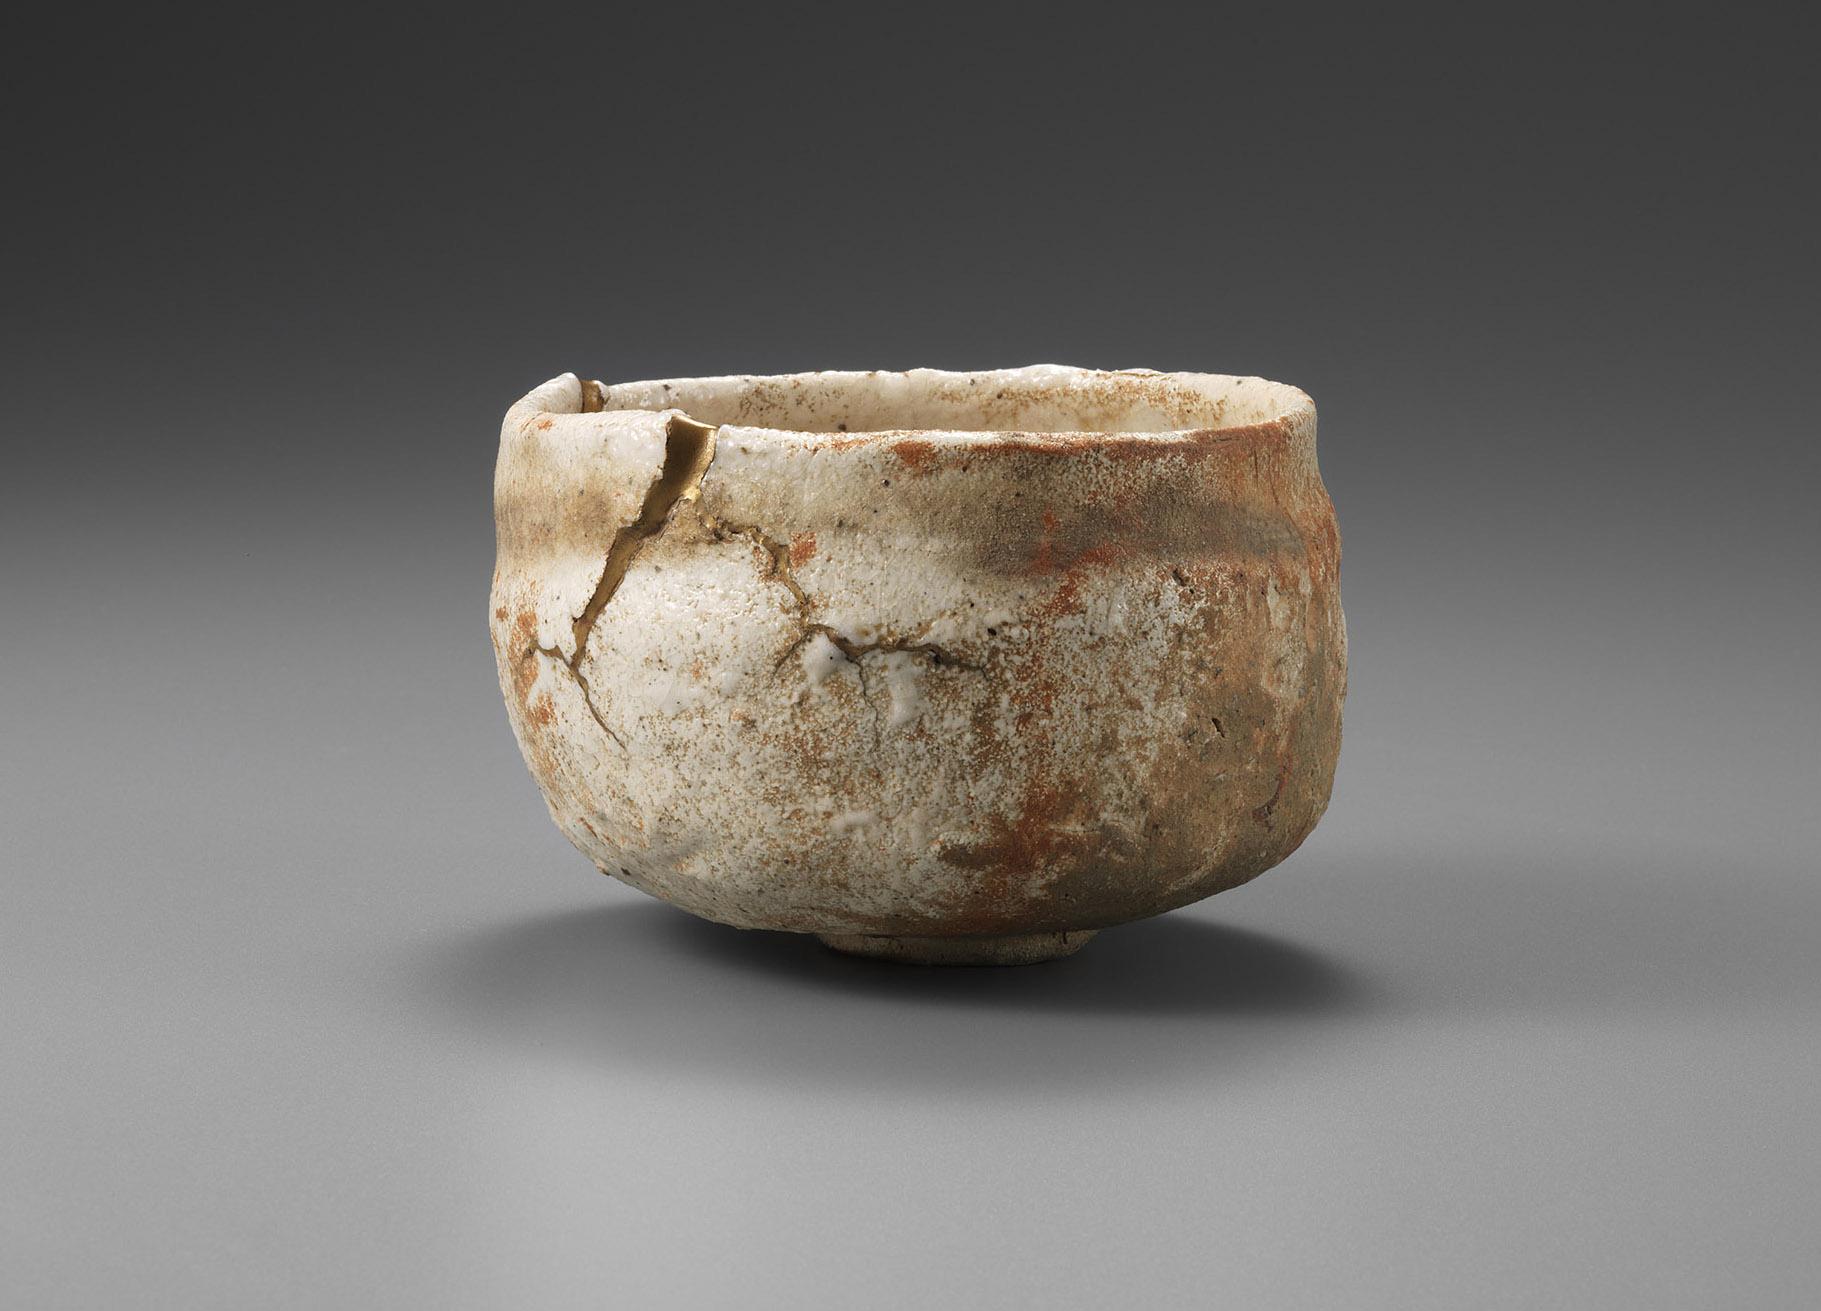 川喜田半泥子《志野茶碗 赤不動》1949年 東京国立近代美術館蔵